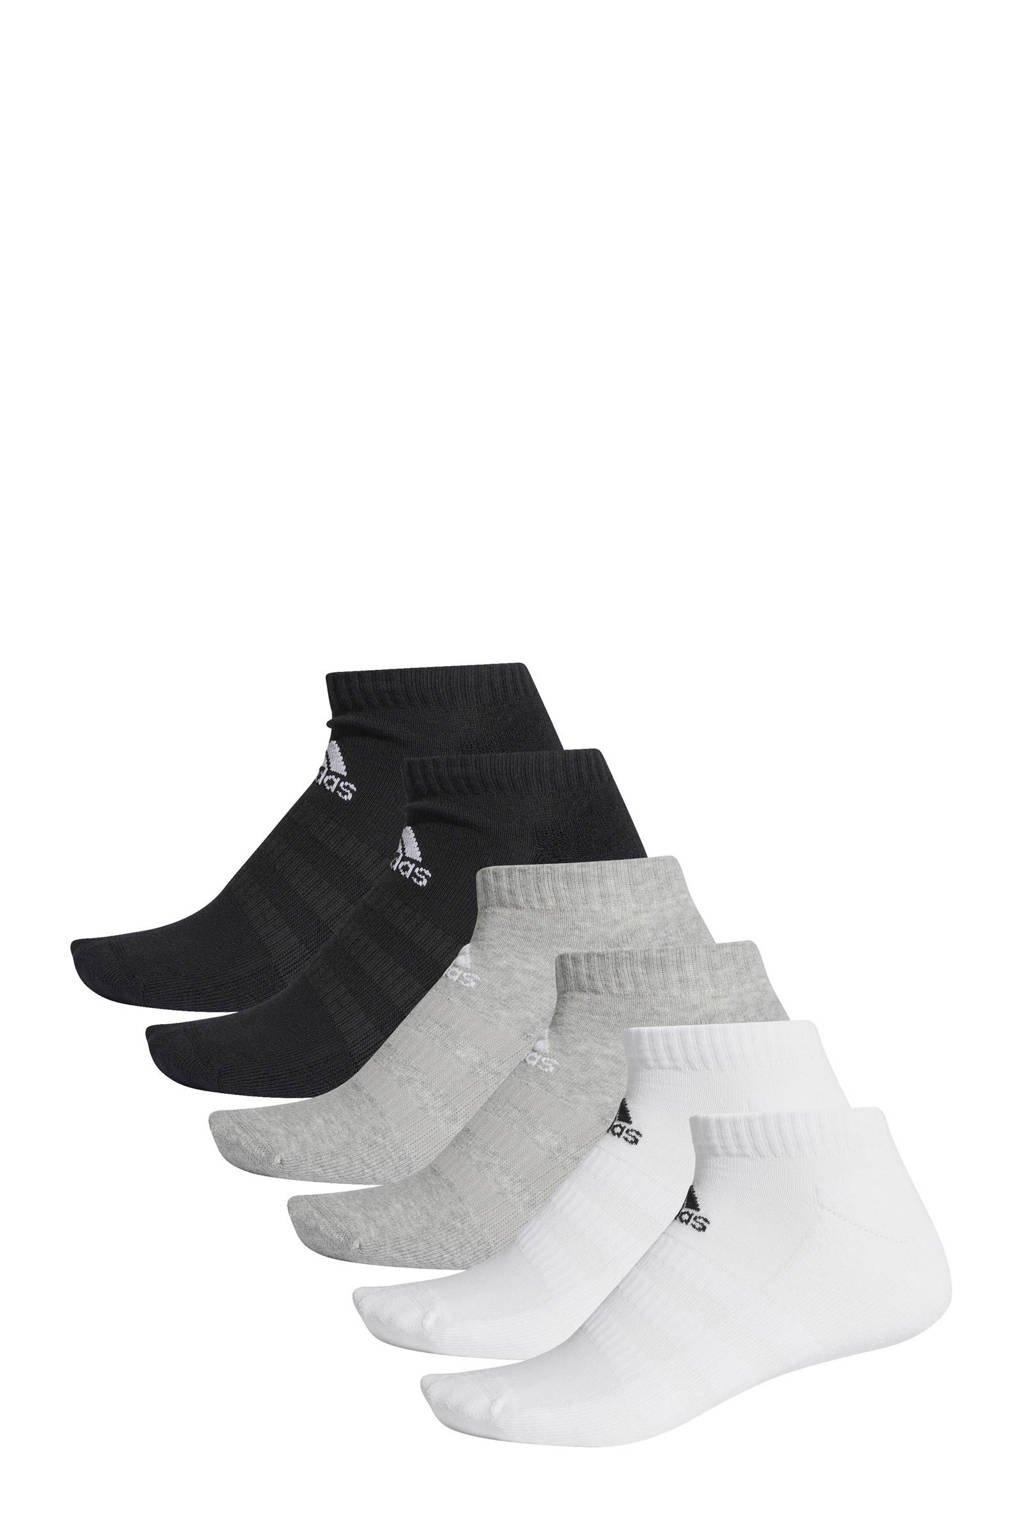 adidas Performance   sokken - set van 6 grijs melange/wit/zwart